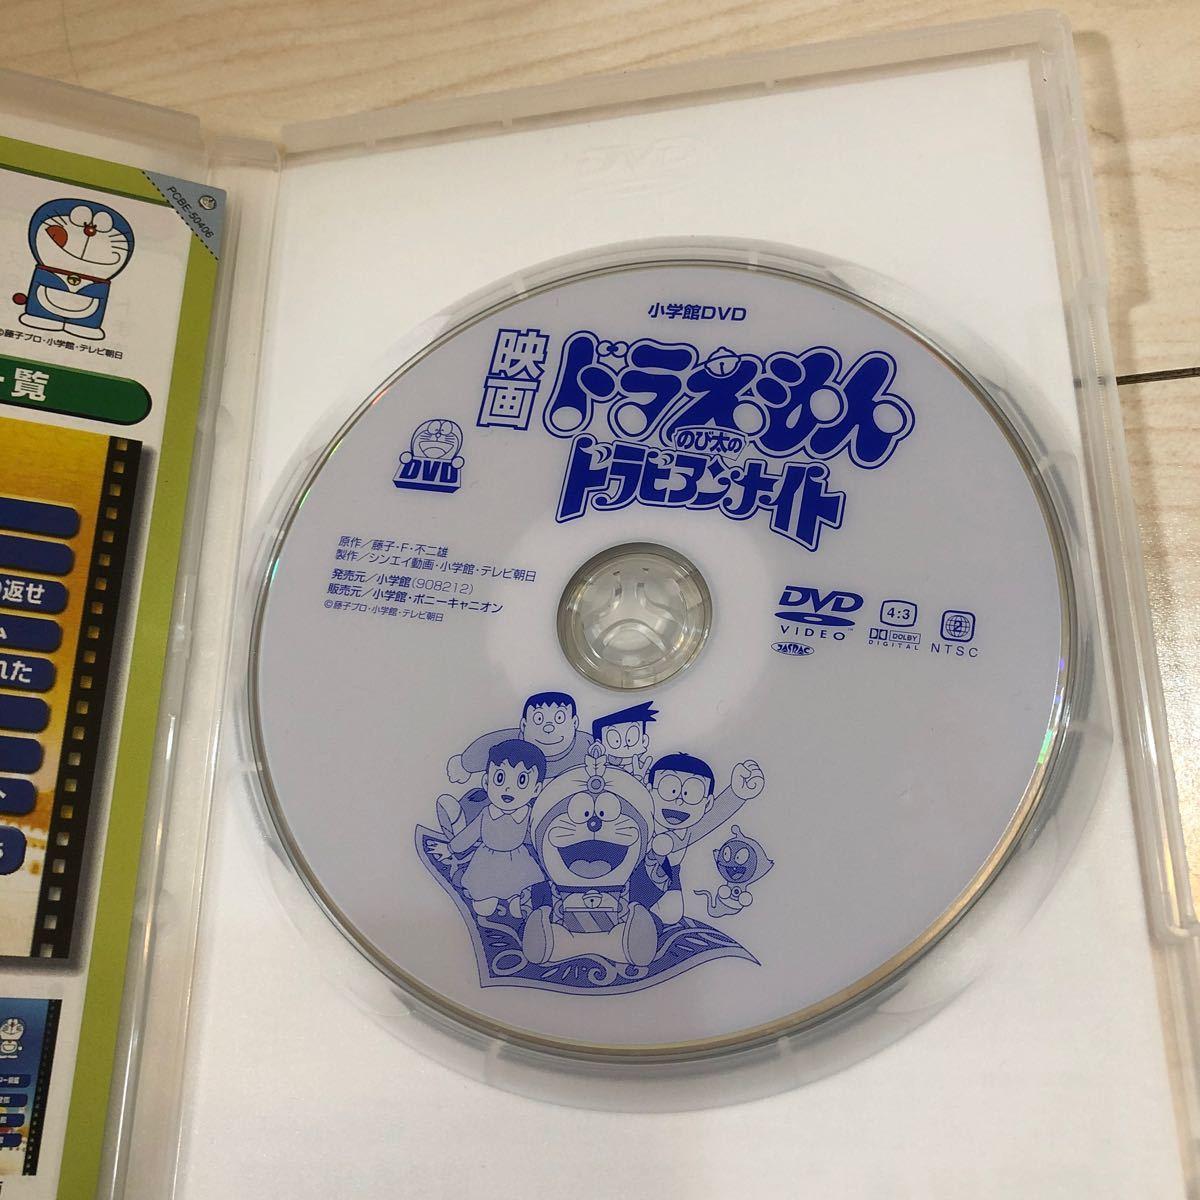 【送料無料】アニメ / 映画ドラえもん のび太のドラビアンナイト、DVD、大山のぶ代